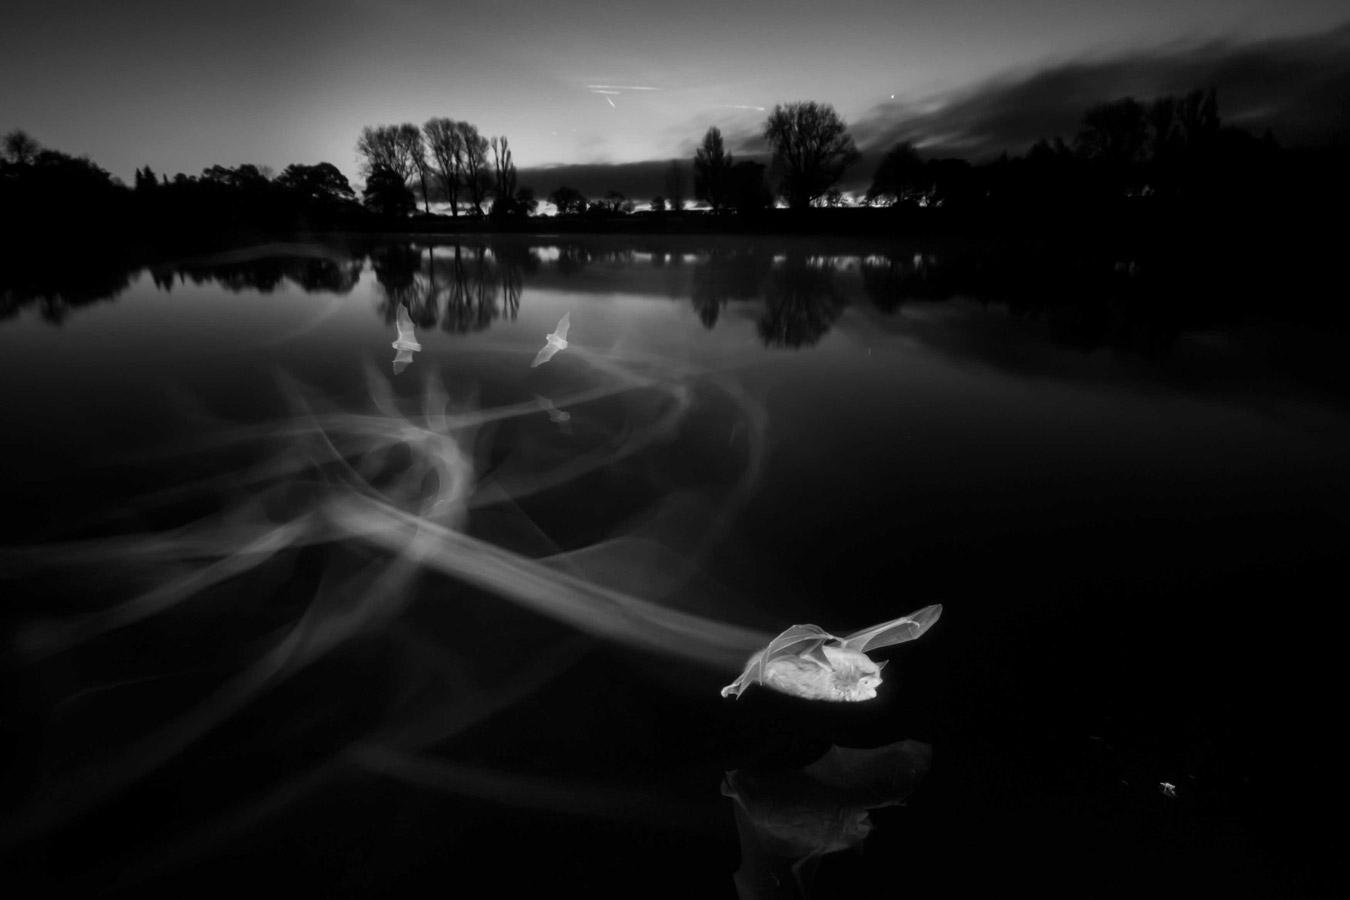 Следы на рассвете, Коут Уотер Кантри Парк, Суиндон, © Пол Колли, Победитель конкурса, Конкурс фотографий дикой природы British Wildlife